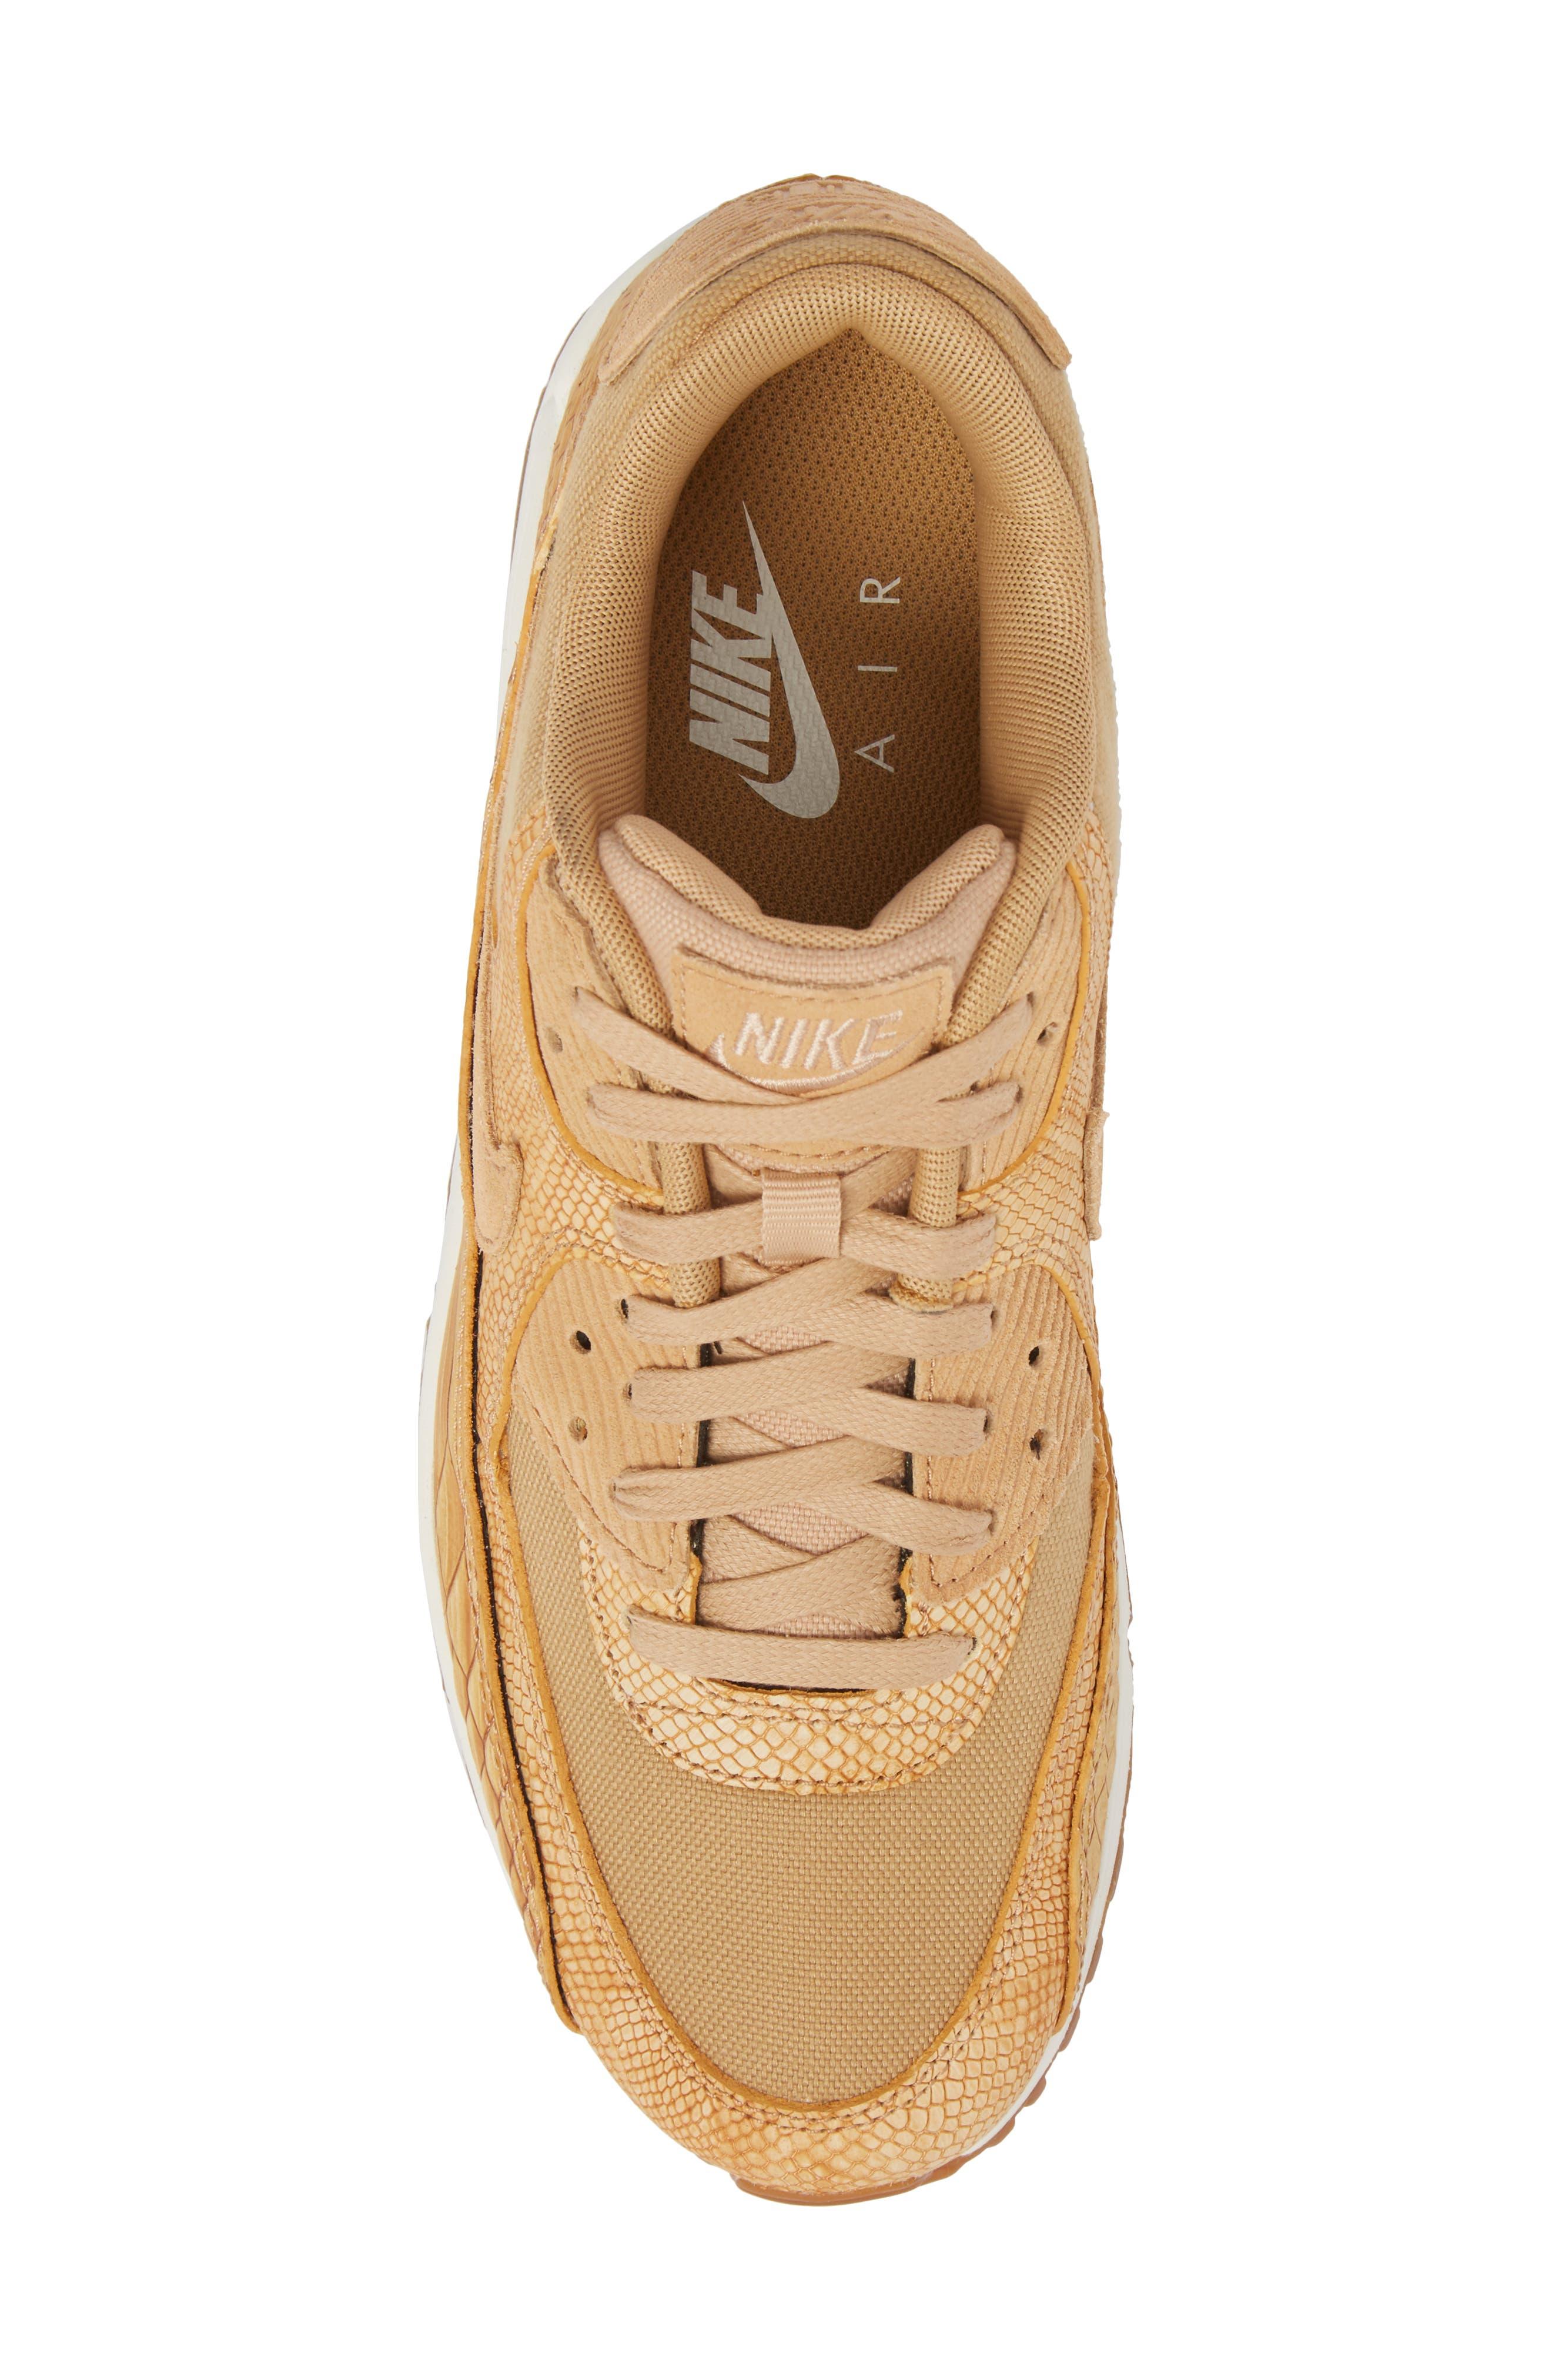 Air Max 90 Premium Sneaker,                             Alternate thumbnail 5, color,                             Tan/ Tan/ Elemental Gold